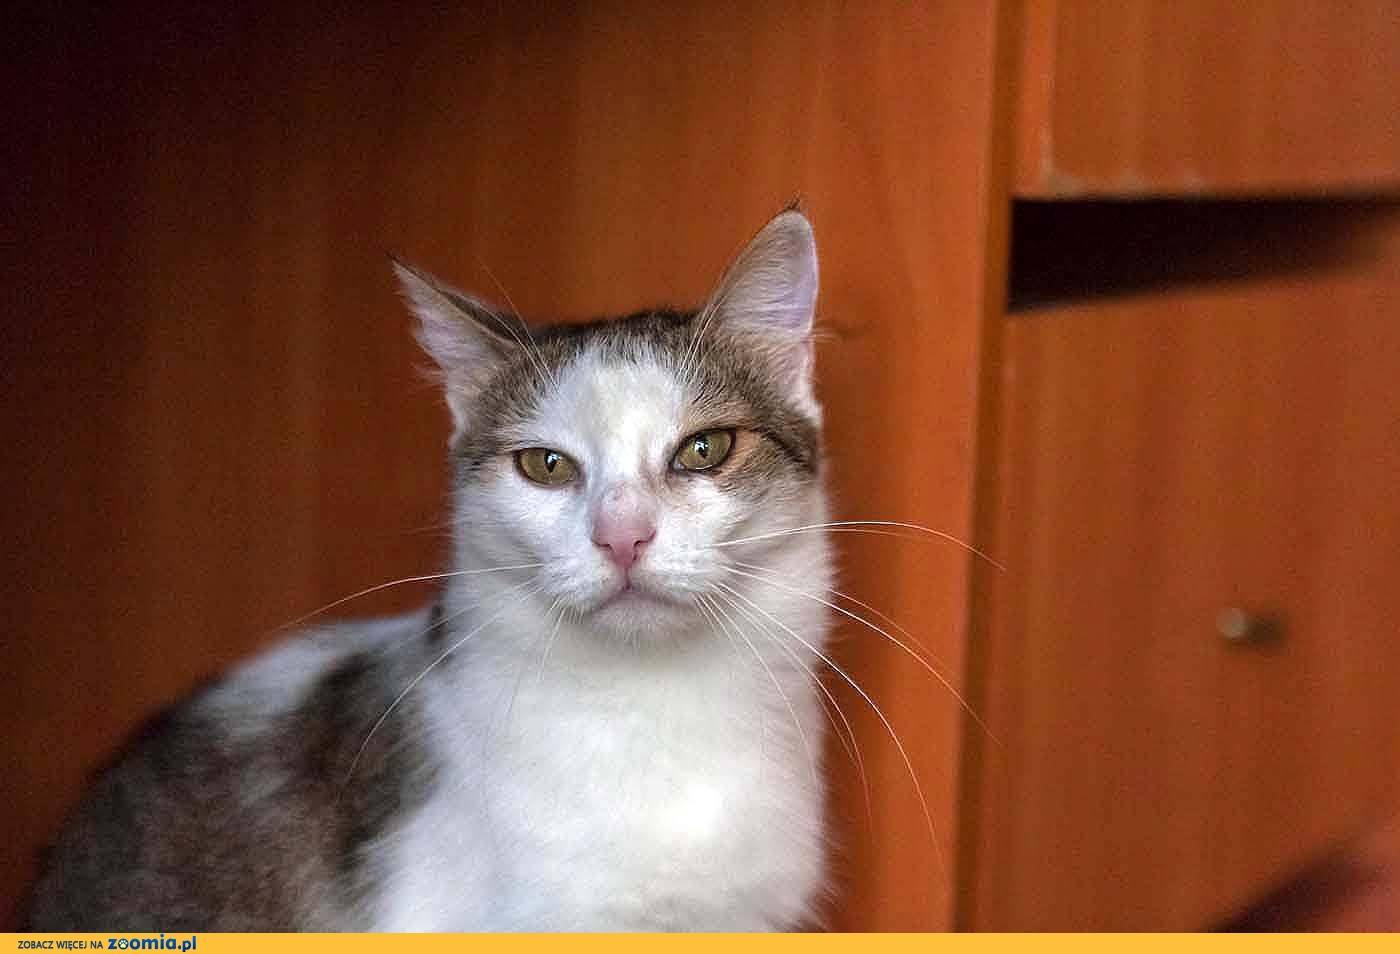 Gabi, spokojna, domowa koteczka z charakterkiem szuka kochającego domu!